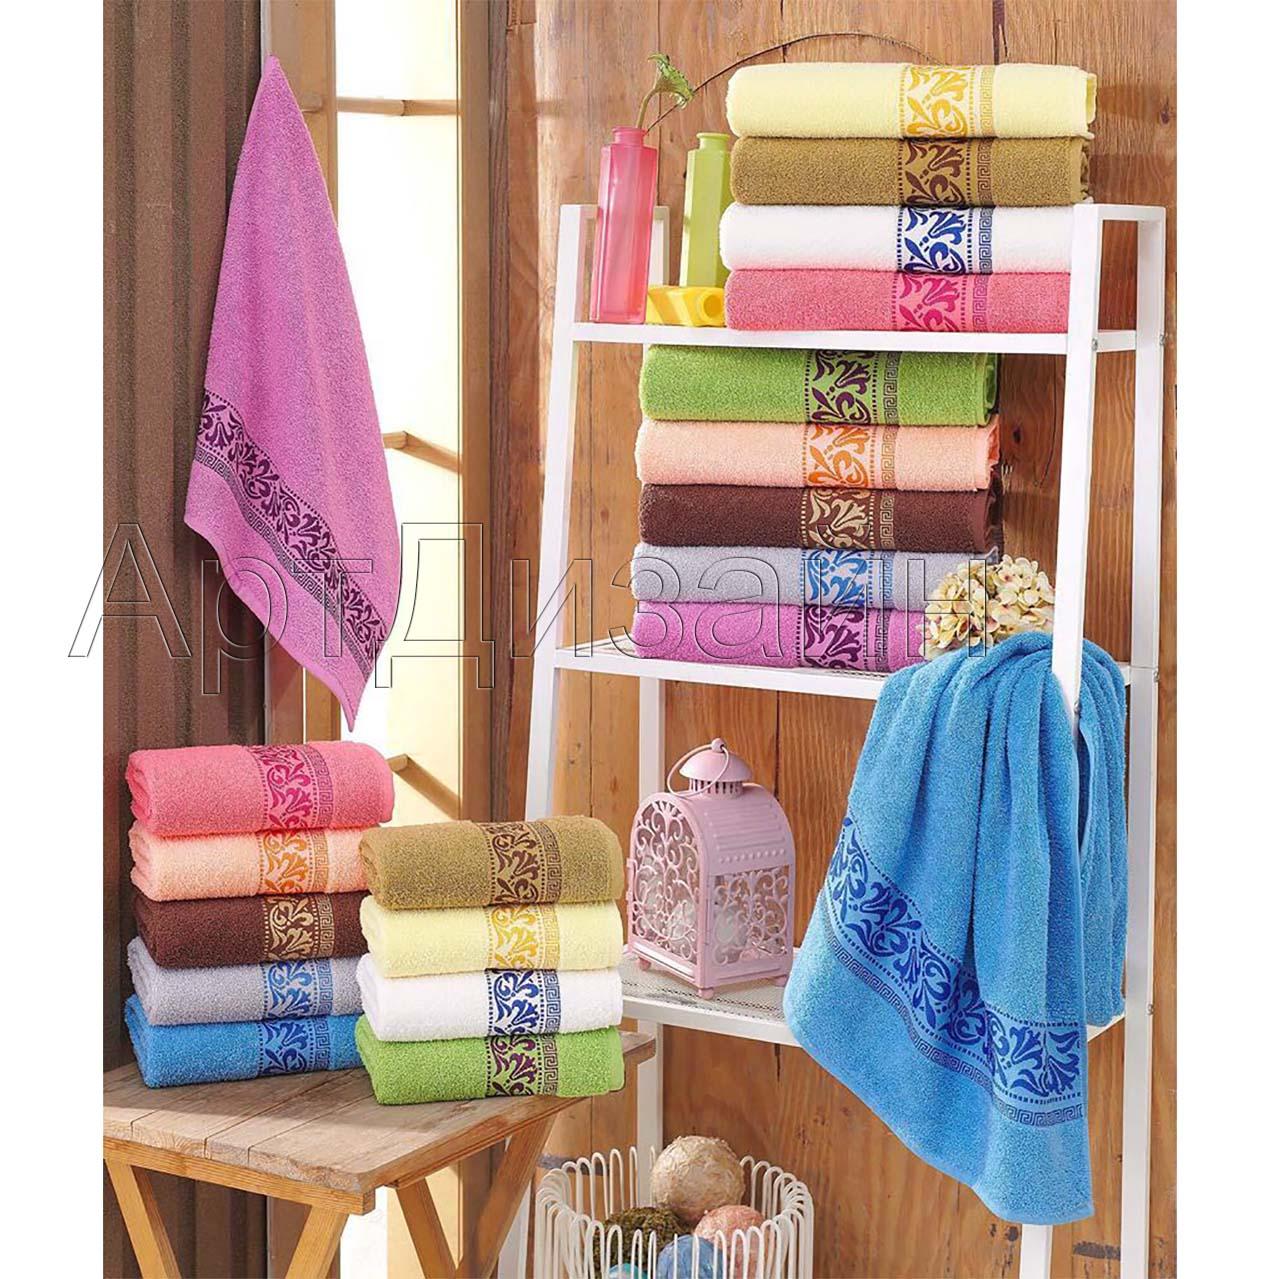 Набор полотенец арт. 01-0263 Персик р. 50х90, 70х140 - Текстиль для дома артикул: 27150